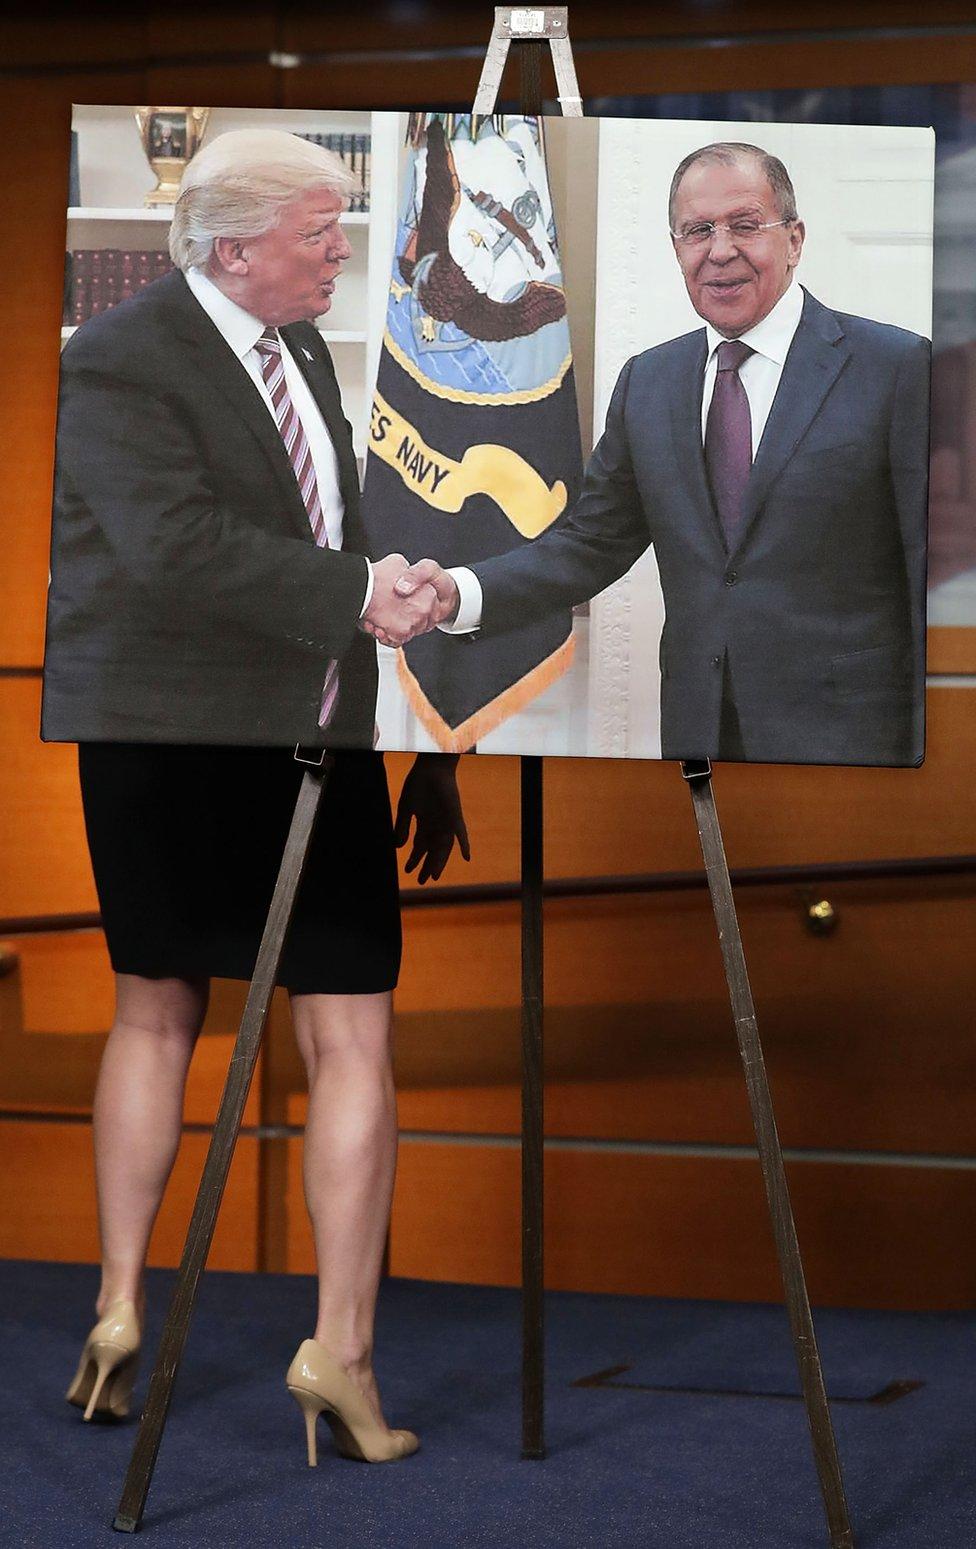 Senadores demócratas muestran una foto del presidente de EE.UU., Donald Trump, dándole la bienvenida al ministro de Relaciones Exteriores de Rusia, Sergei Lavrov. La imagen fue exhibida en el edificio del Senado estadounidense.